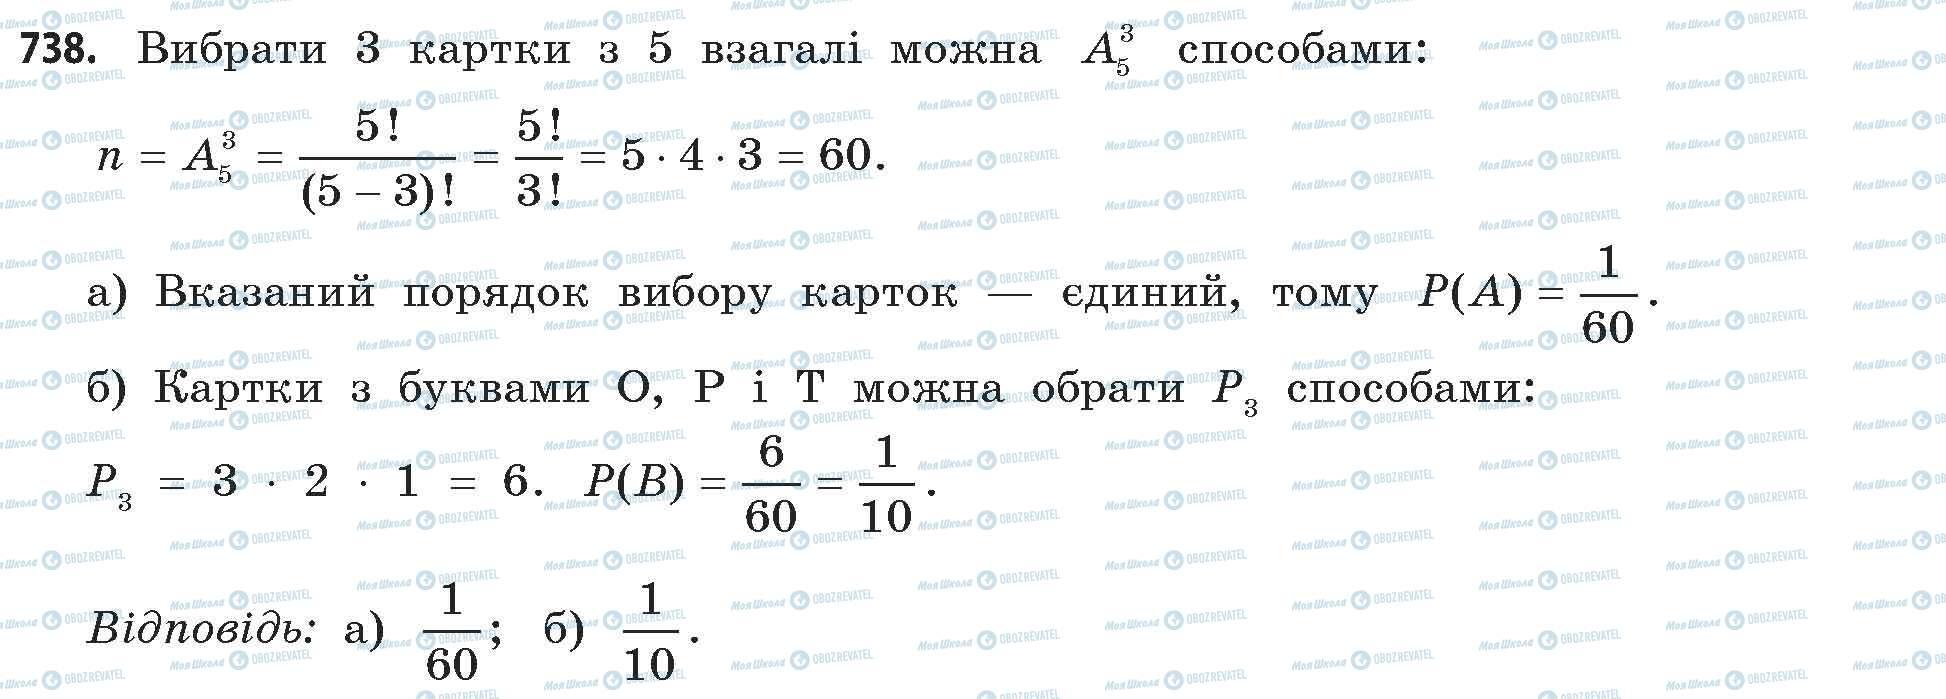 ГДЗ Математика 11 класс страница 738